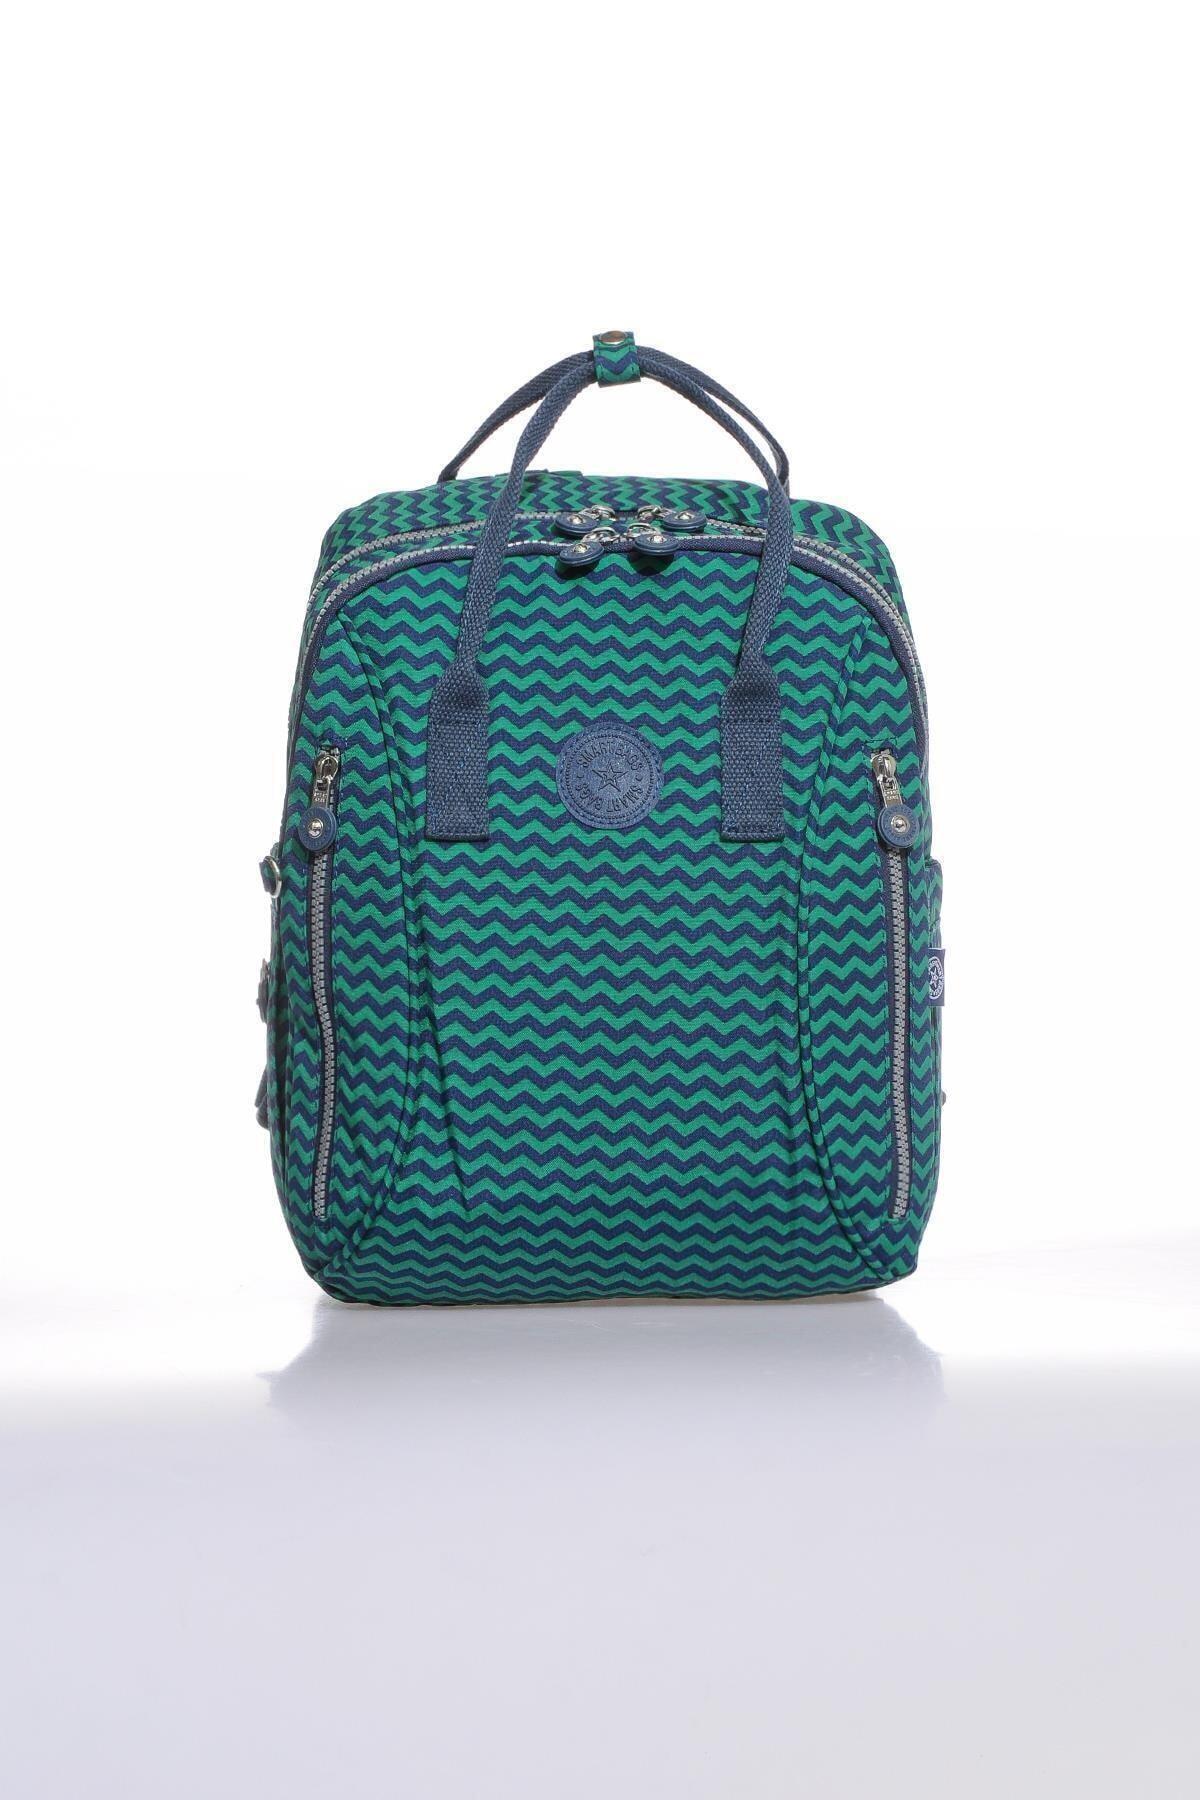 SMART BAGS Kadın Lacivert Yeşil Smb1220-0066 Sırt Çantası 1